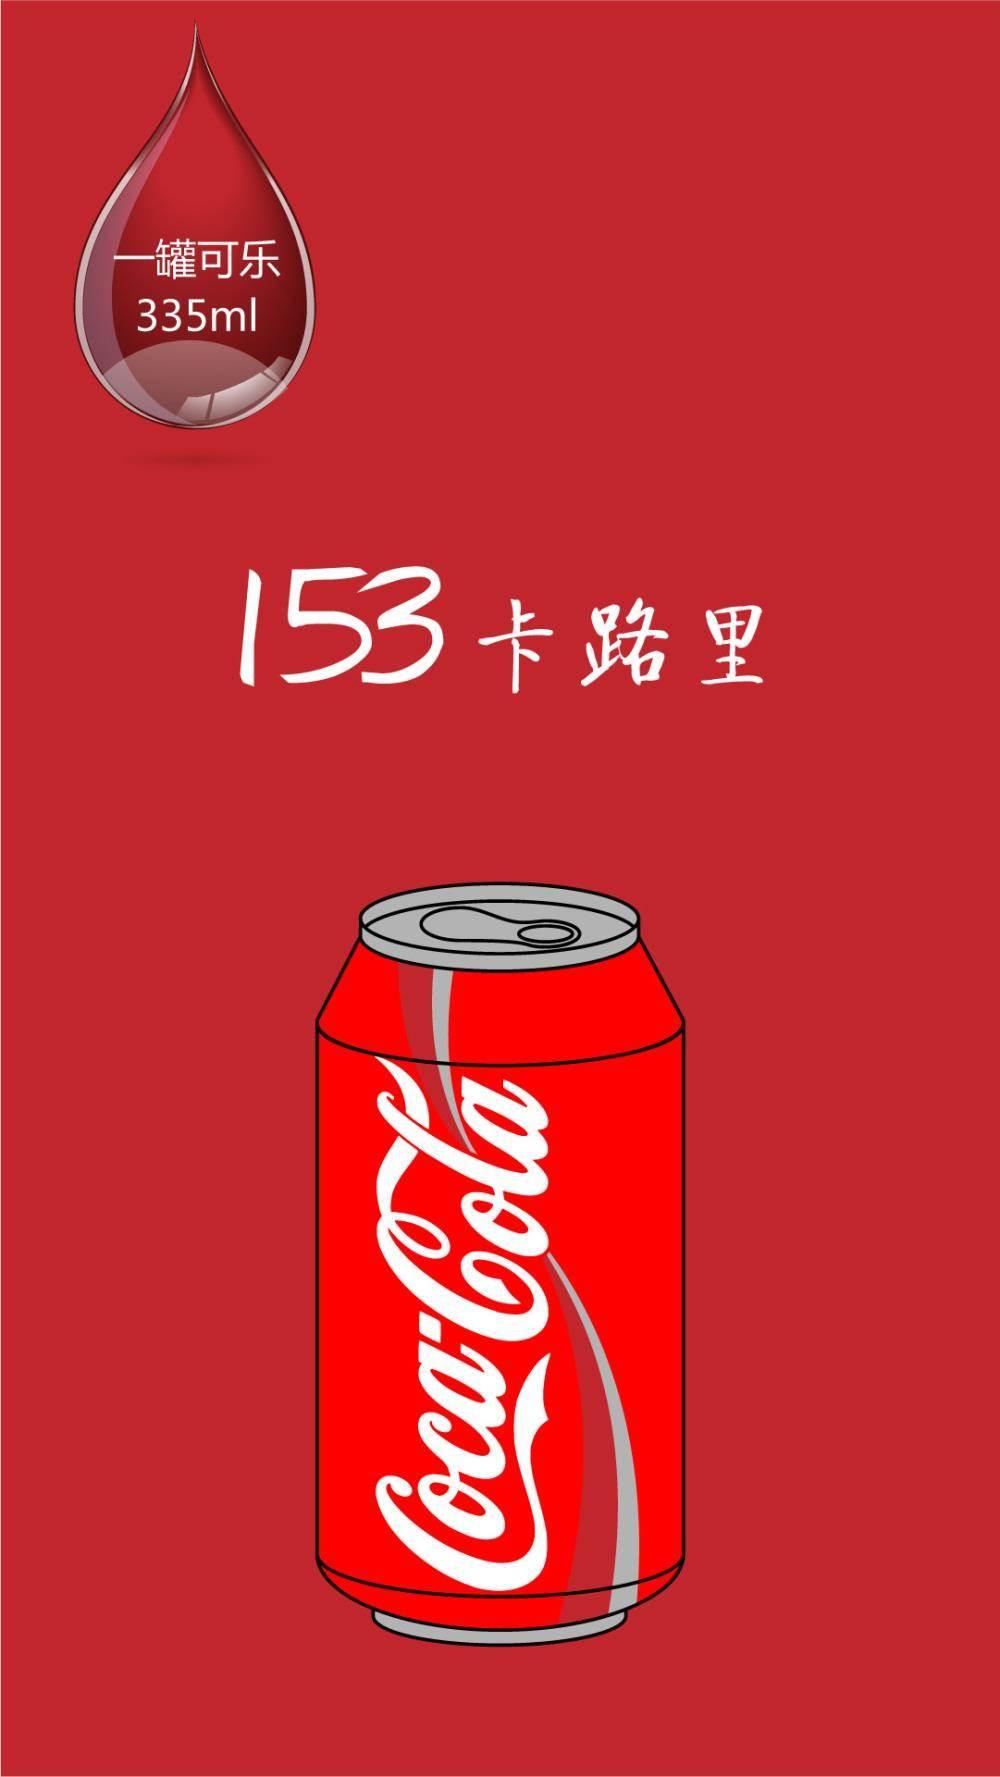 0414微信推送-03.jpg